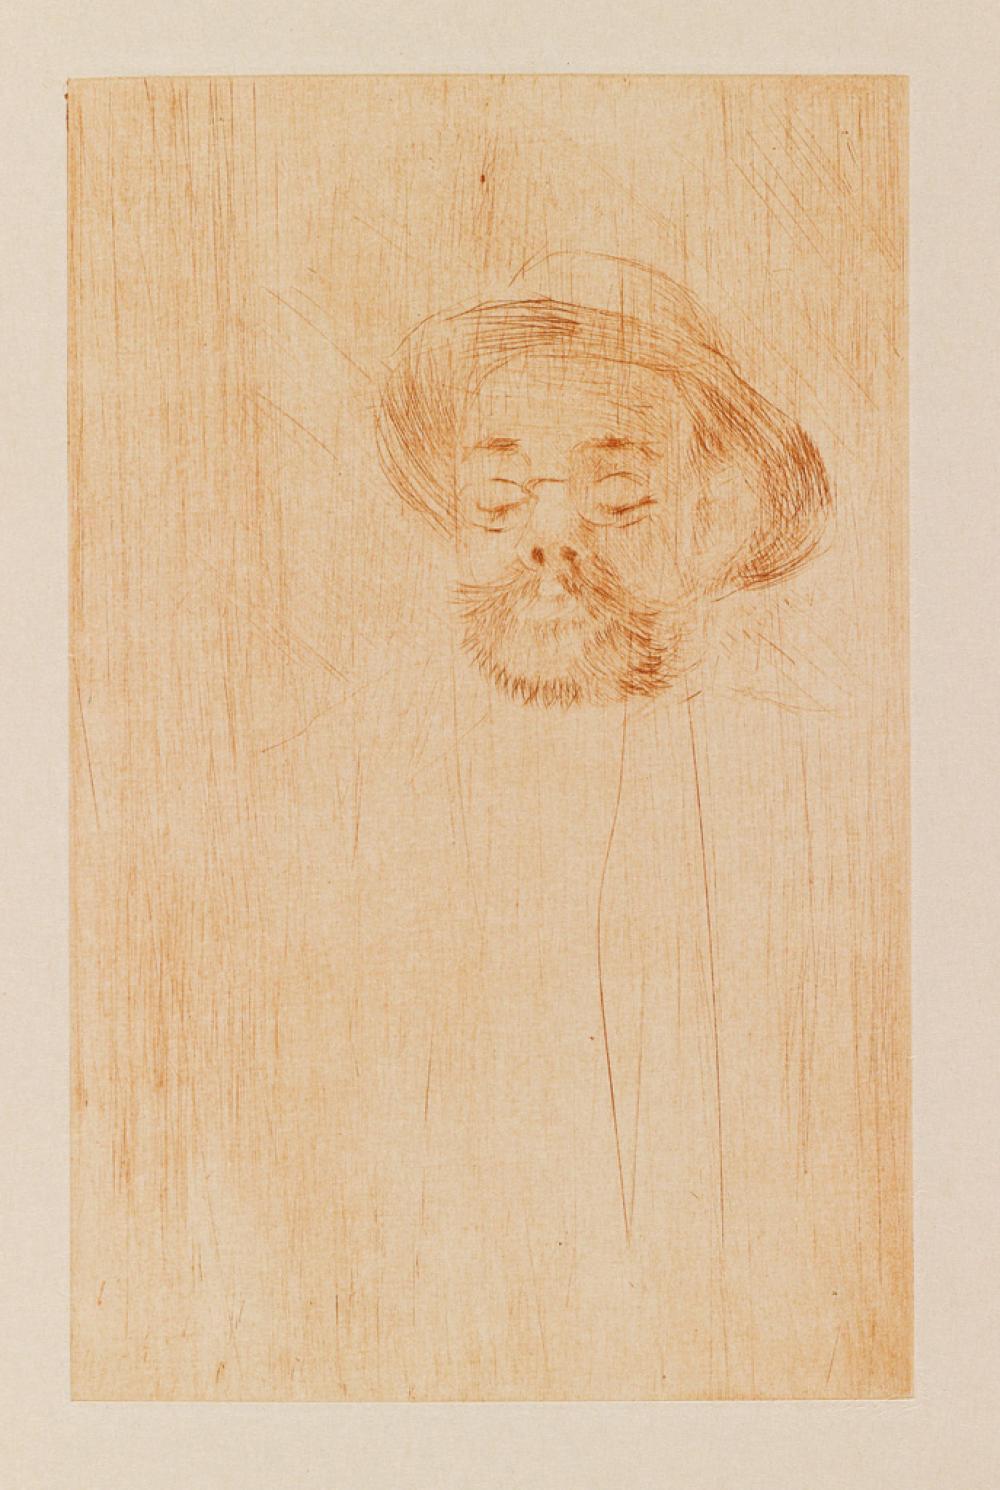 HENRI TOULOUSE-LAUTREC Henri de Toulouse-Lautrec 1864-1901 * Peintre Dessins, Estampes, Affiches by Maurice Joyant.